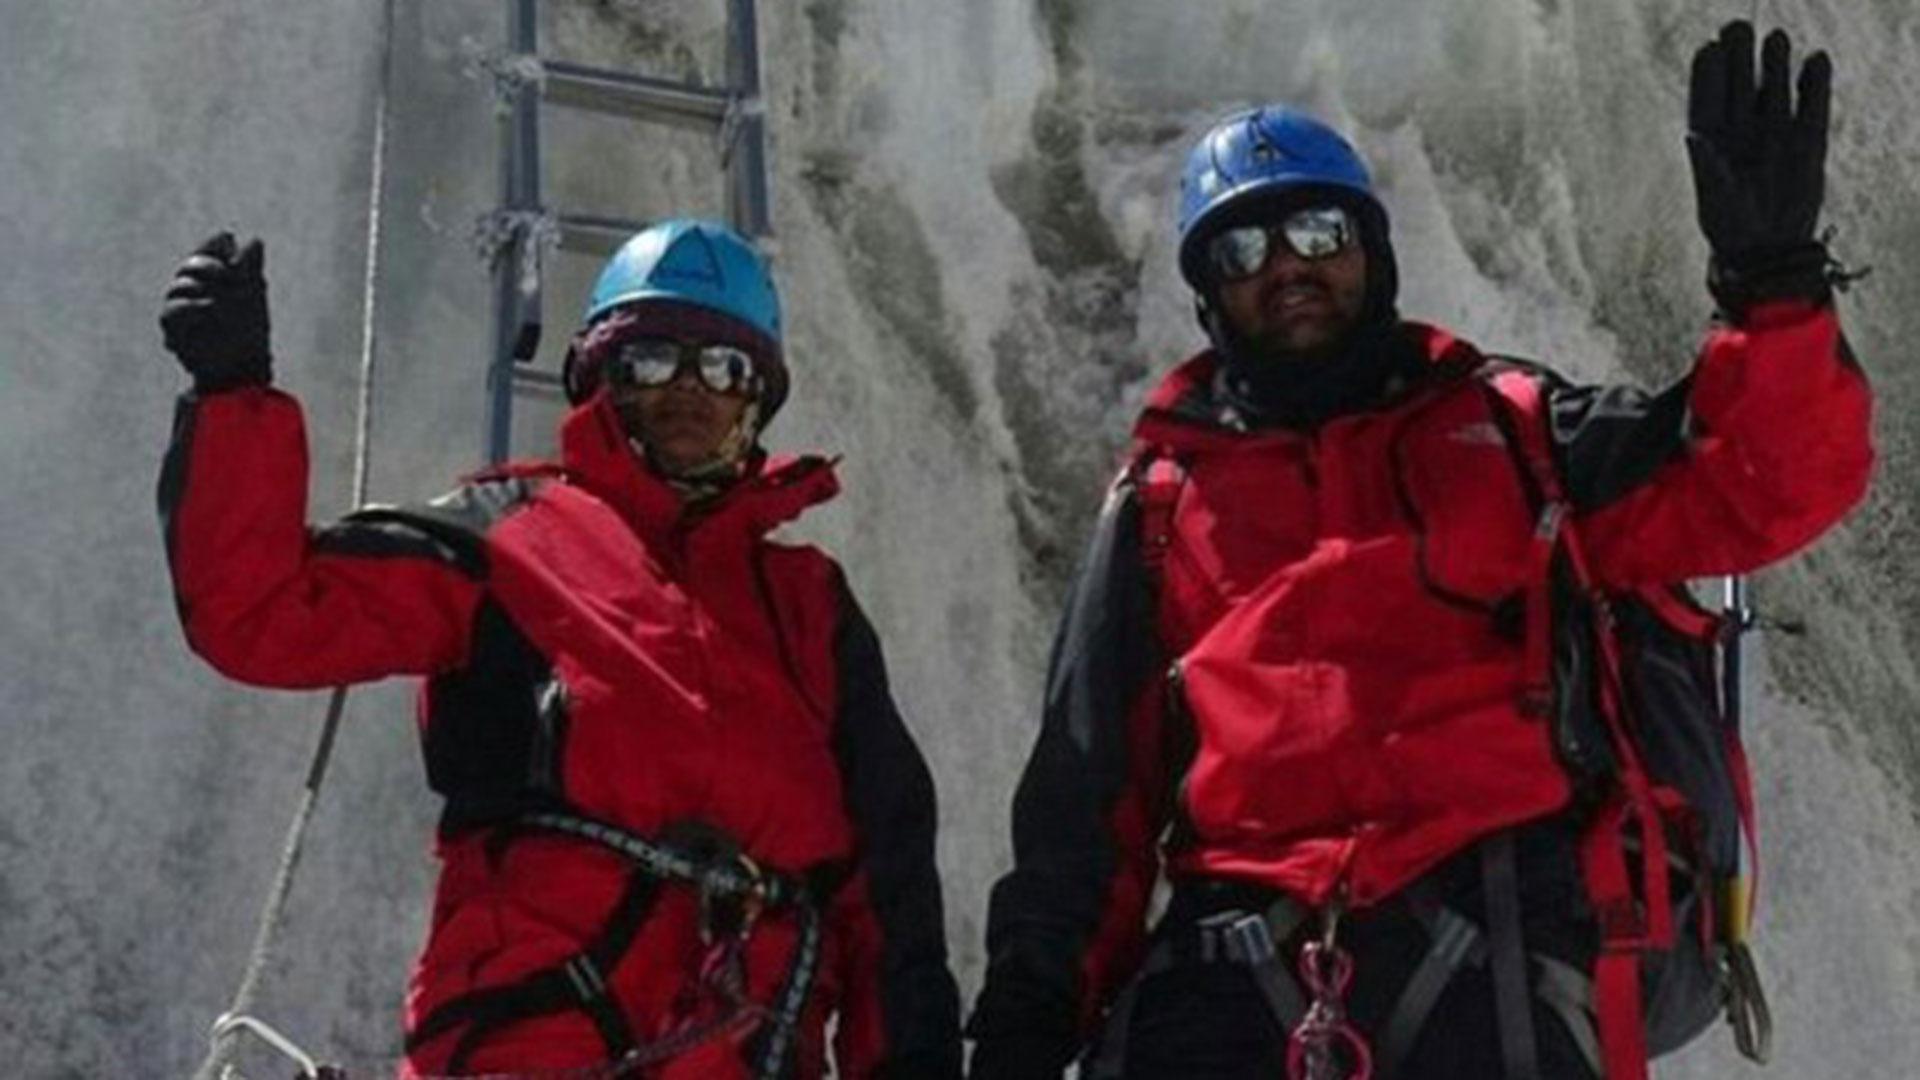 Una imagen de los Rathod durante su ascenso al Everest. Están vestidos completamente diferente del momento en que hicieron cumbre, un dato no menor para los expertos montañistas